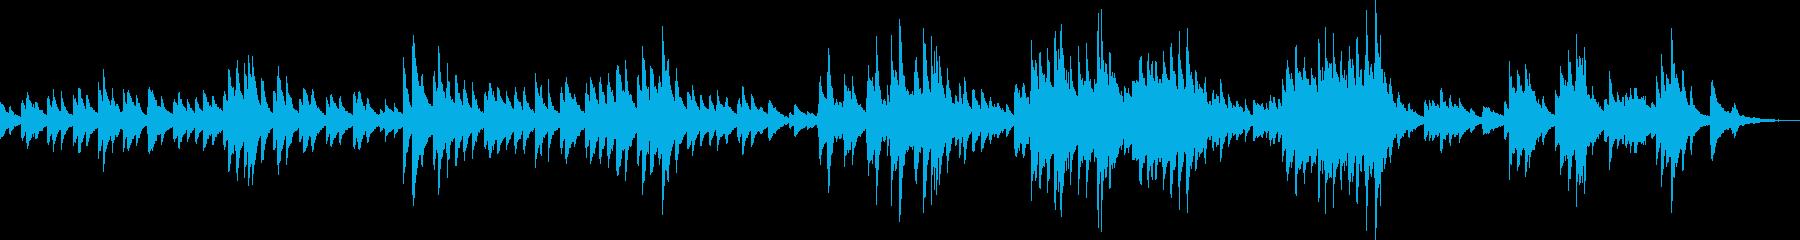 ノスタルジーな優しいピアノBGMの再生済みの波形